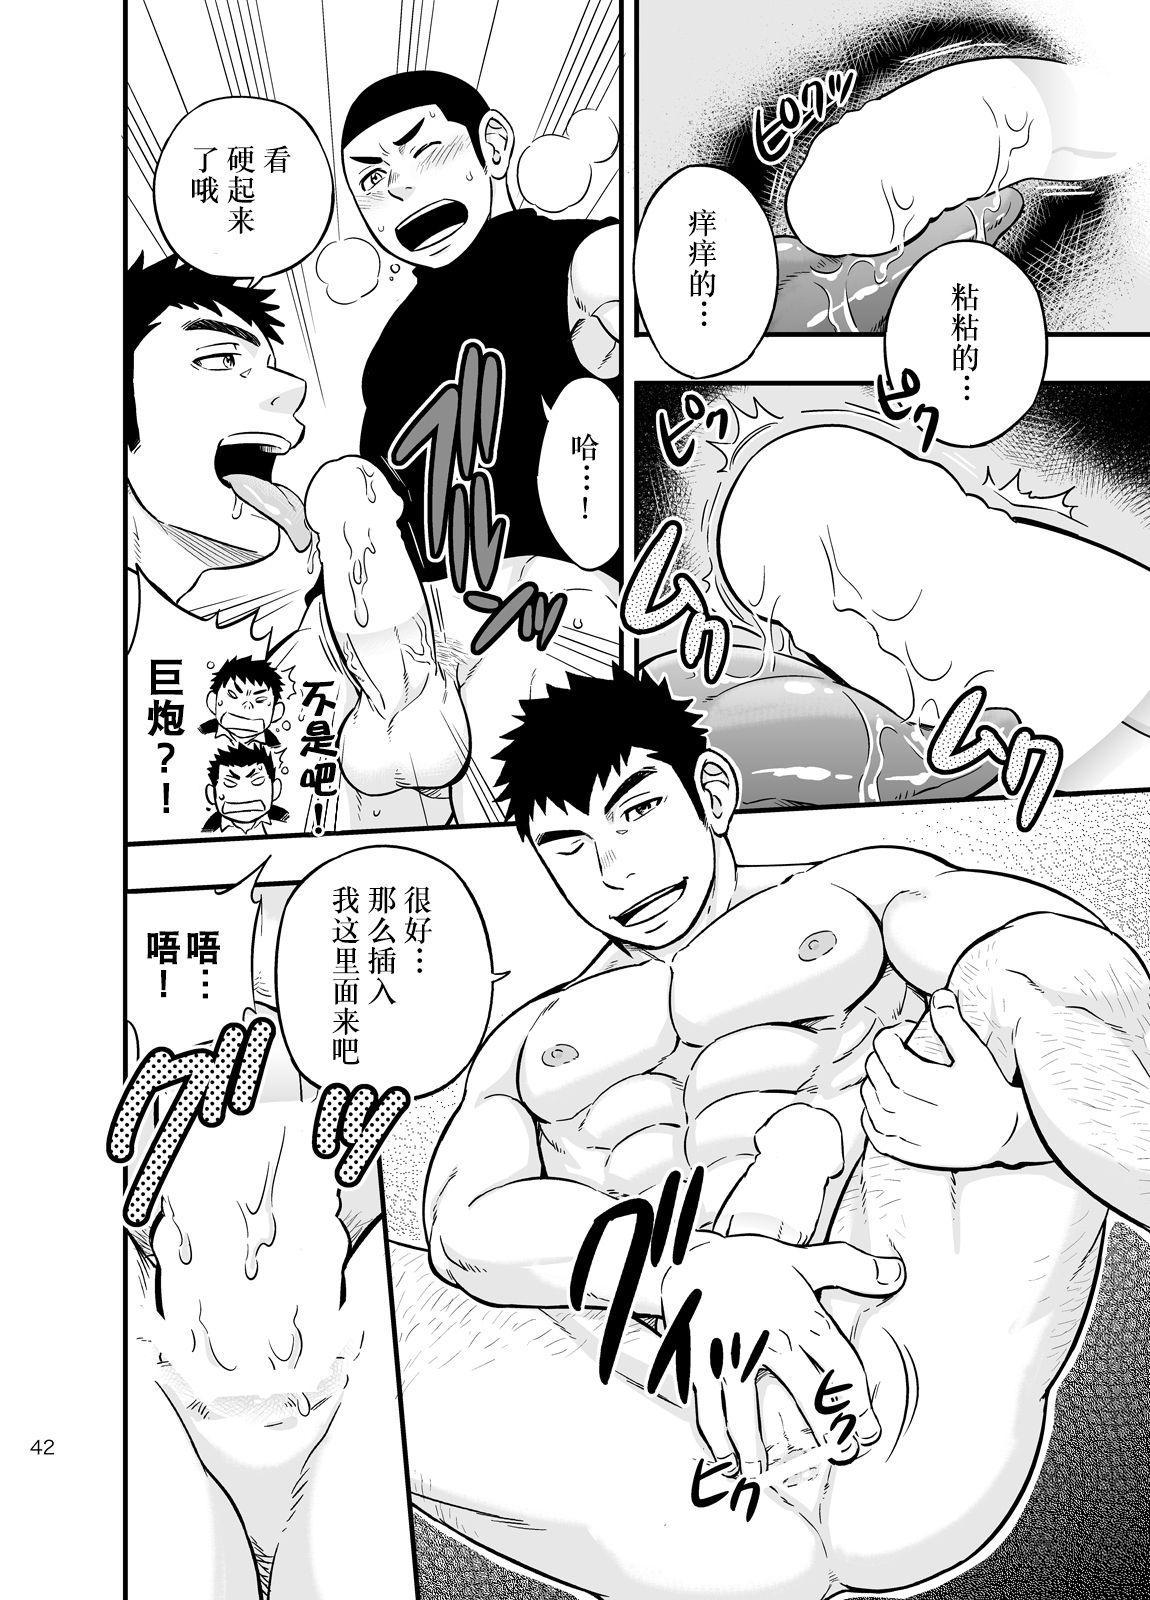 Moshimo Danshikou no Hoken Taiiku ga Jitsugi Ari Dattara 2 | 如果男校的保健体育课有实践环节的话 2 40